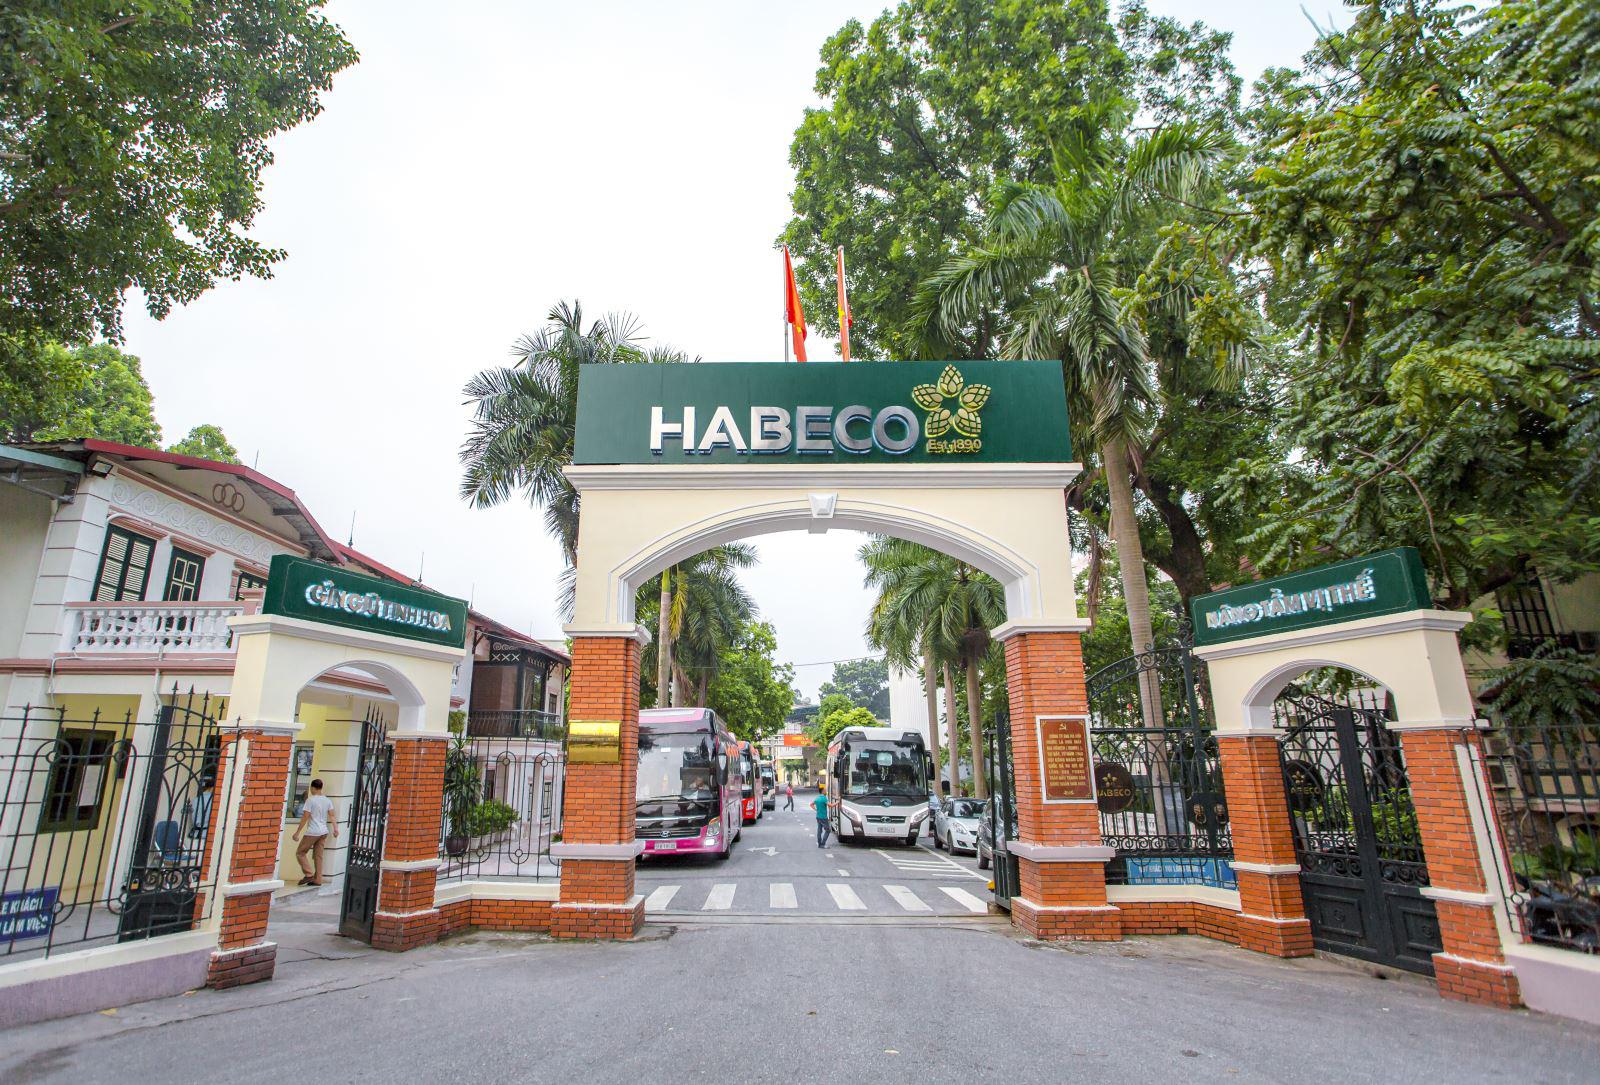 Bộ Công Thương sắp nhận hơn 500 tỷ đồng từ Habeco - Ảnh 1.